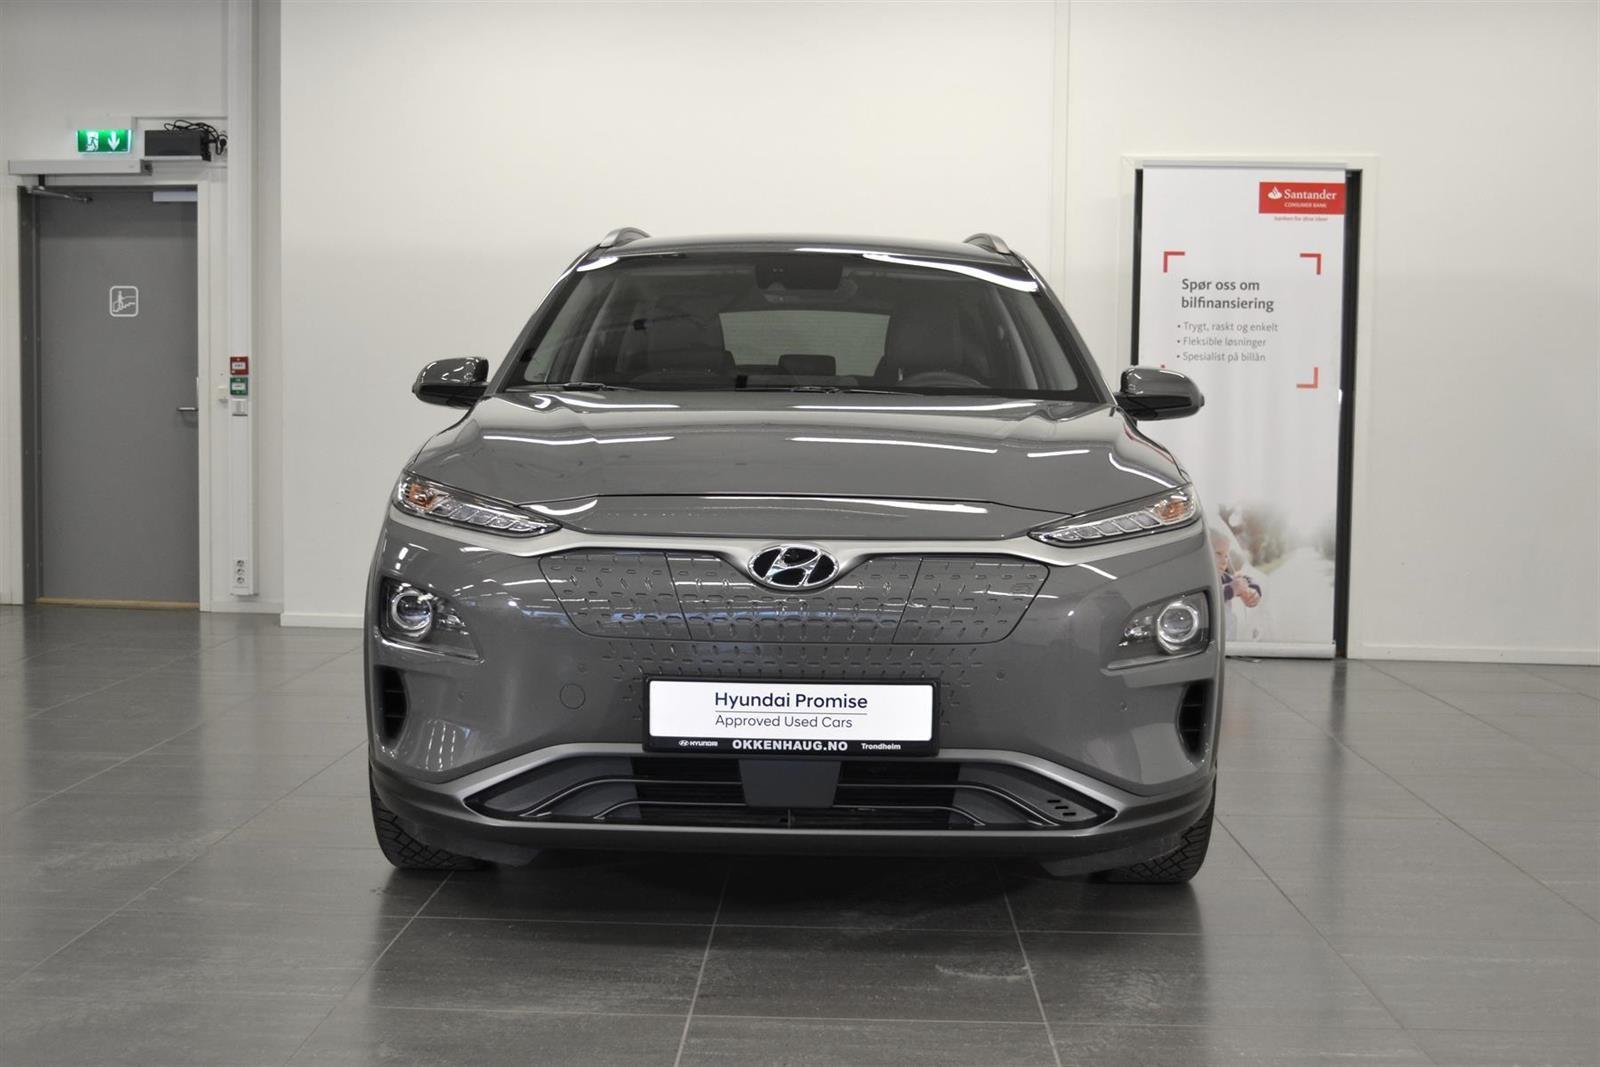 Hyundai Kona Slide 1